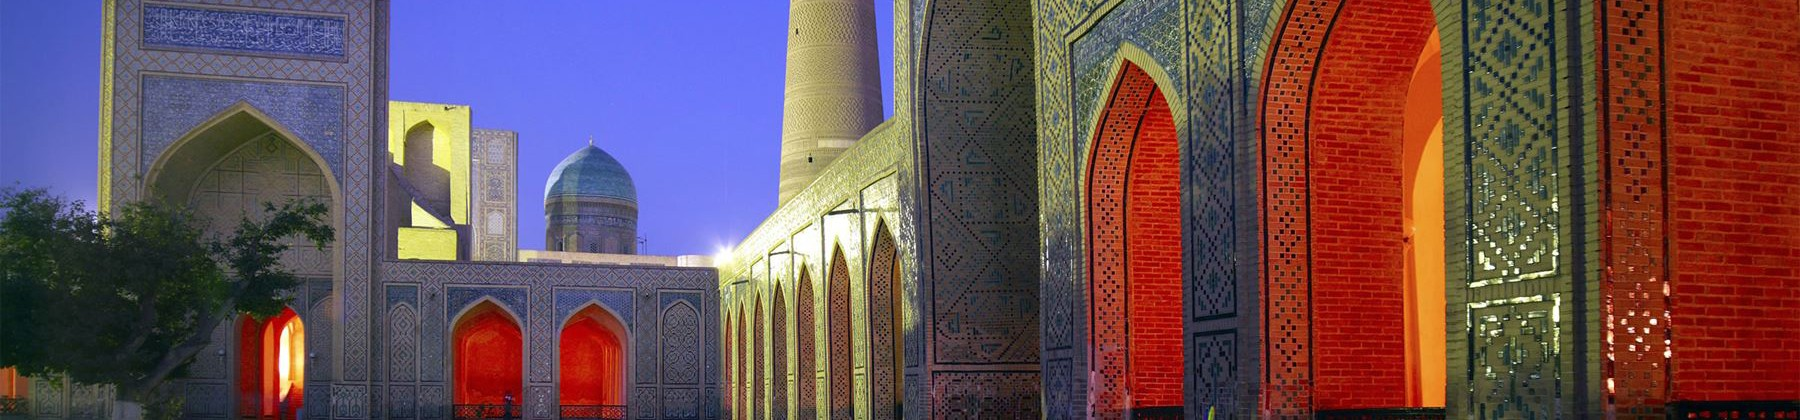 Ancient Bukhara and Golden Samarkand - 1